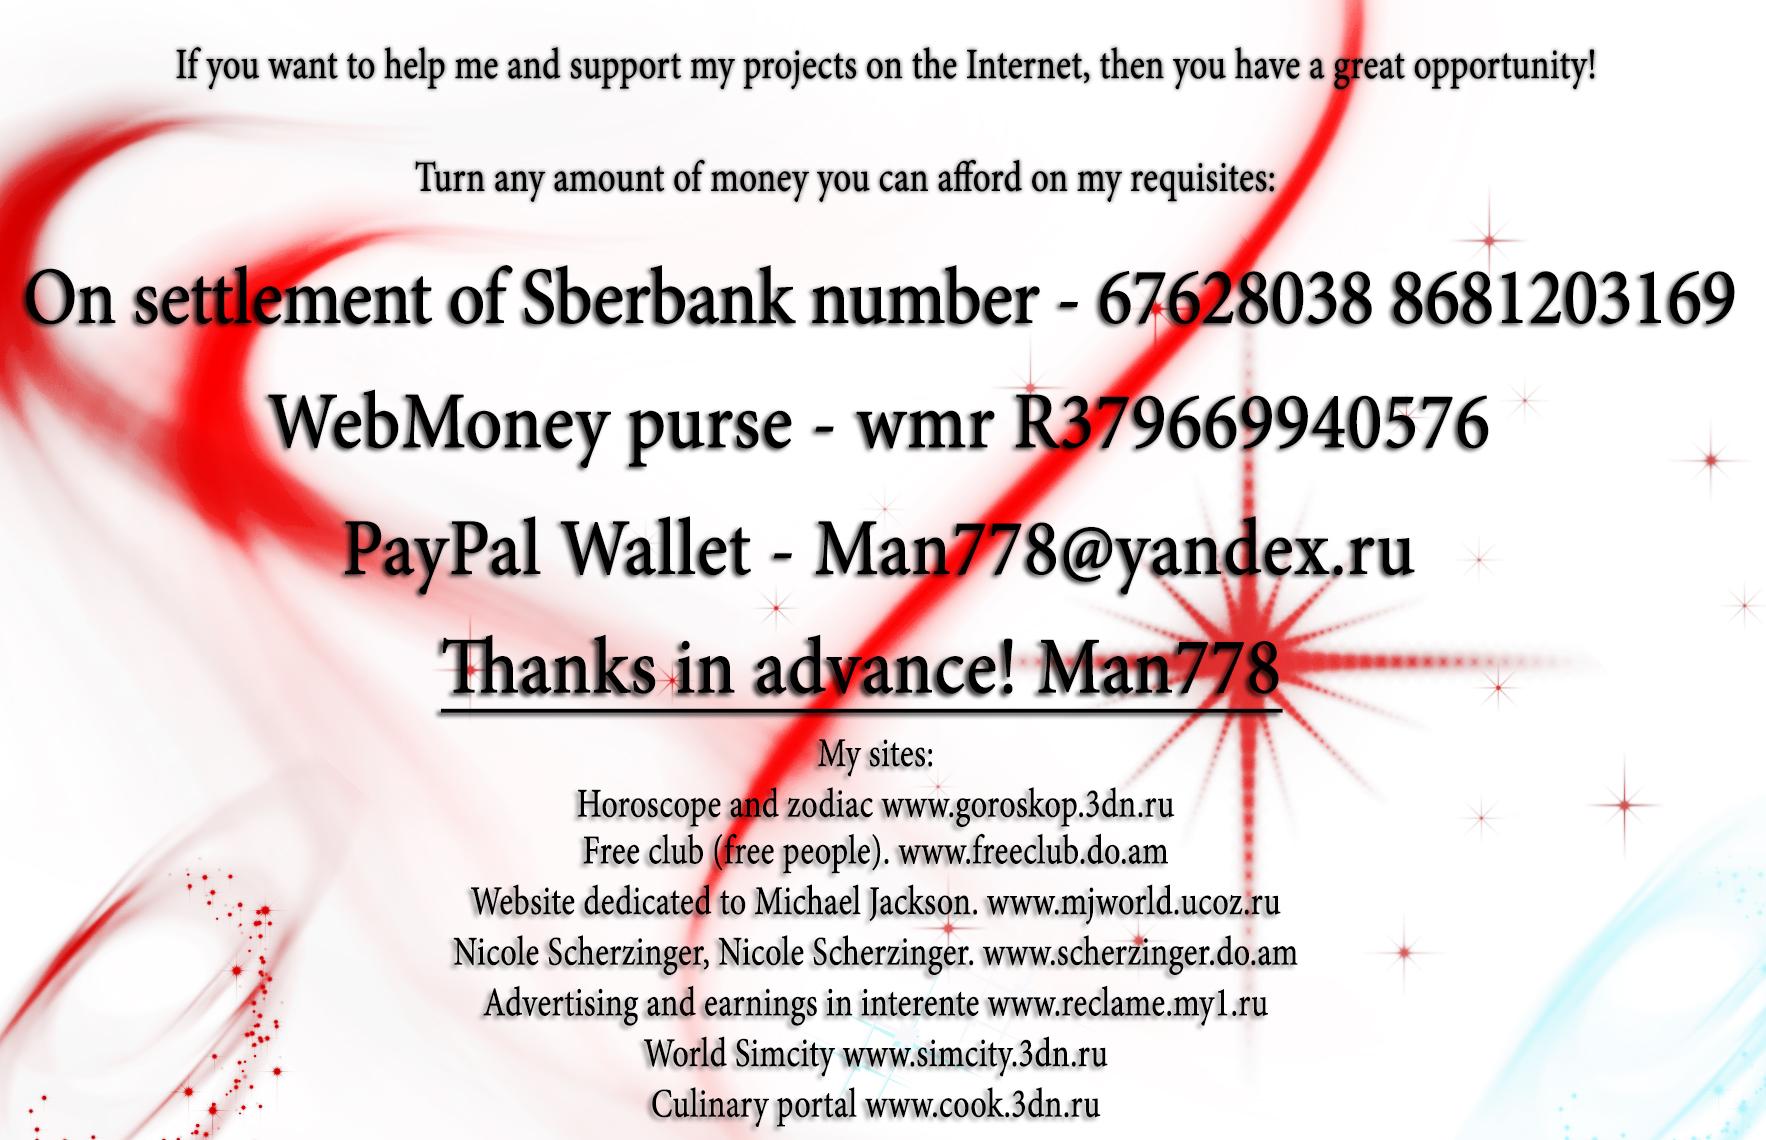 https://img-fotki.yandex.ru/get/64120/36830032.44/0_7fd55_632b7c1_orig